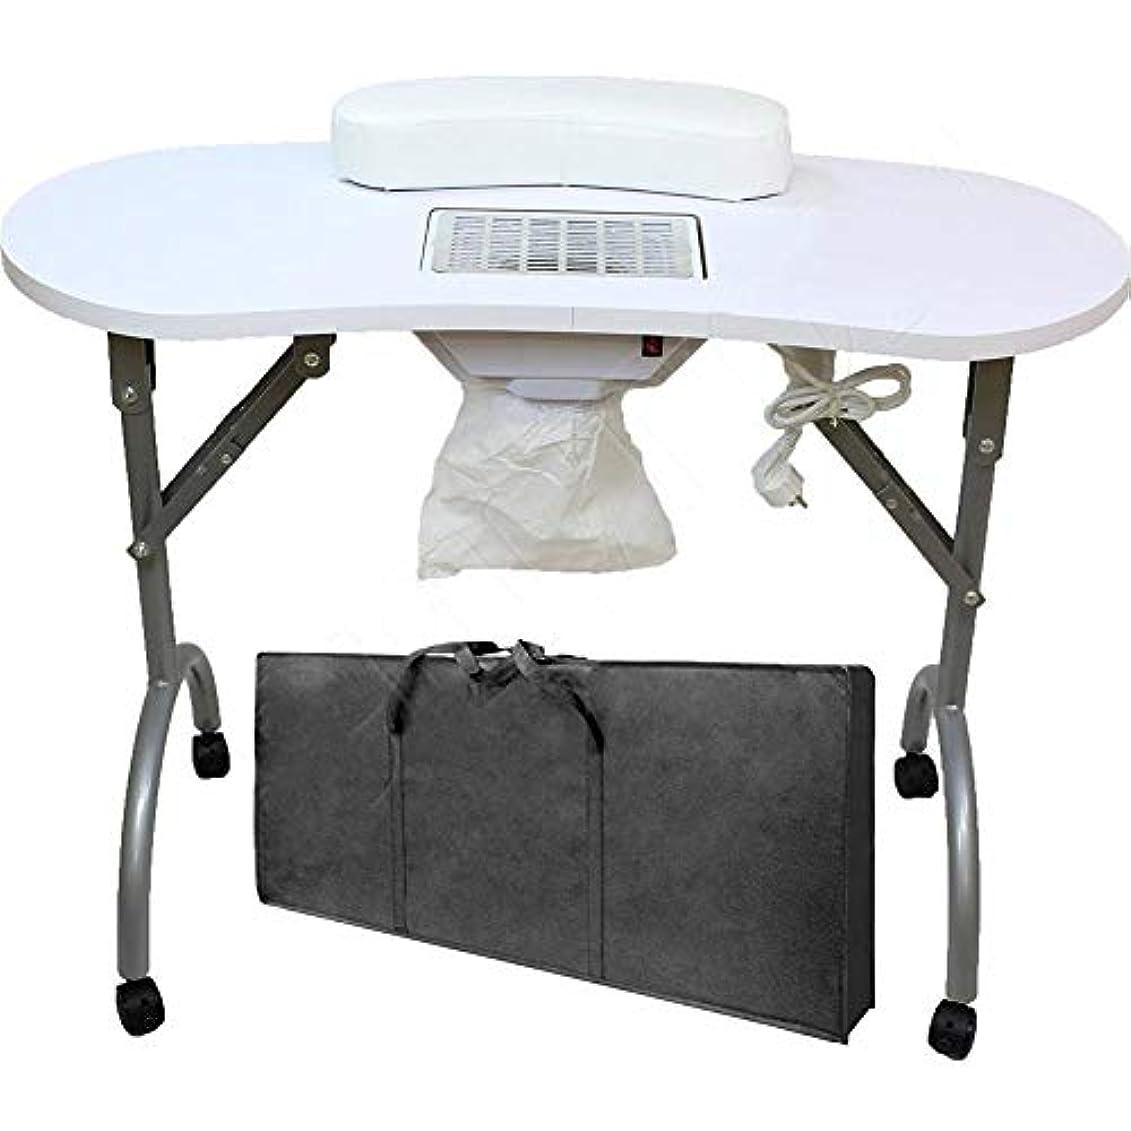 観点成功した致死ネイルテーブル折りたたみ式ポータブルマニキュアテーブルベントマニキュアテーブルネイルデスクサロンスパネイル掃除機andbag